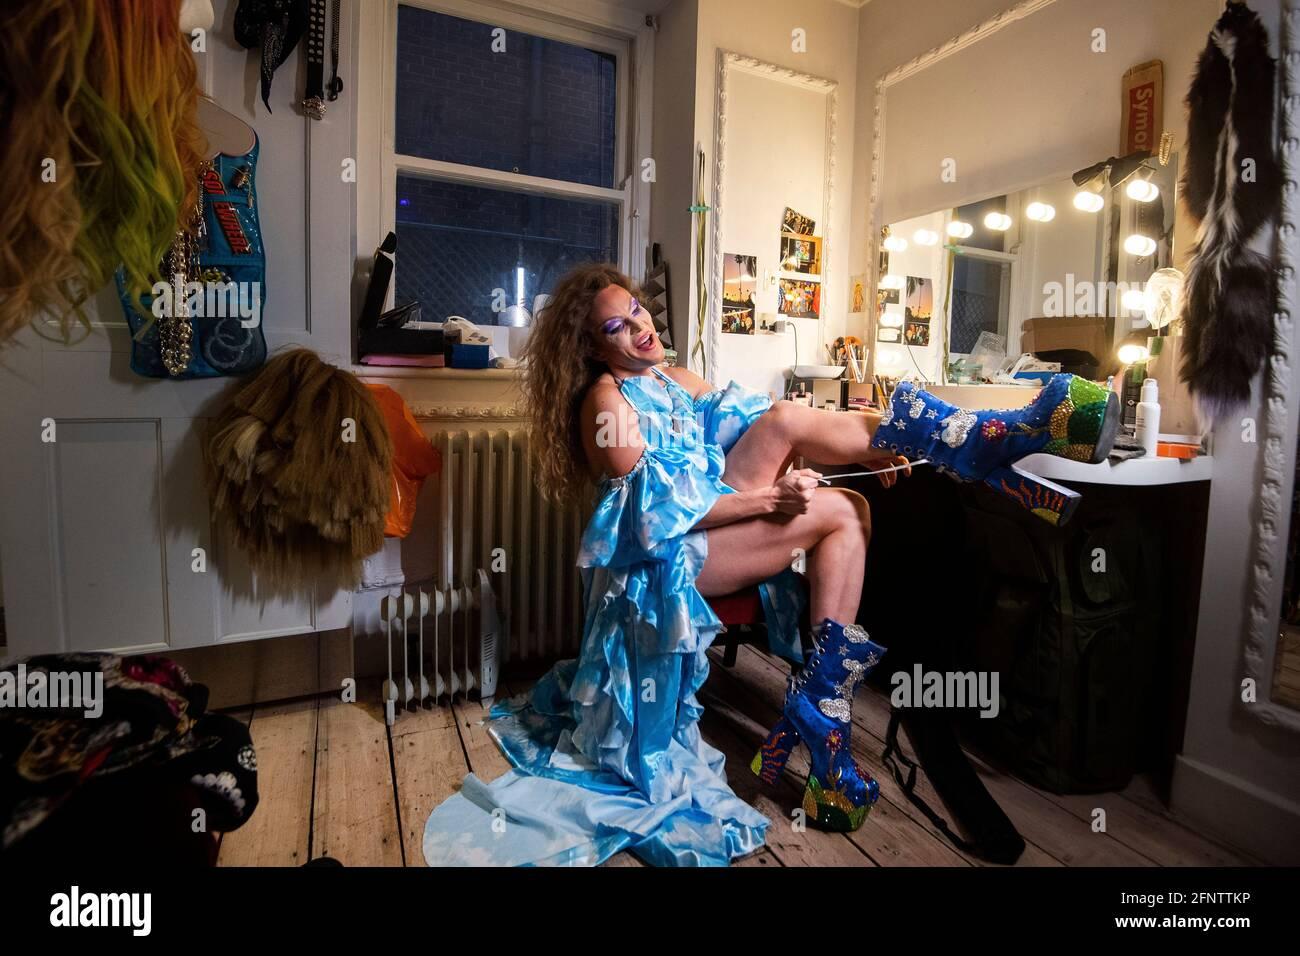 Willam di RuPaul's Drag Race, protagonista della commedia di West End Death Drop, indossa un paio di stivali in uno spogliatoio del Garrick Theatre di Londra, mentre il teatro si prepara a riaprire dopo l'ulteriore allentamento delle restrizioni di blocco in Inghilterra. Data immagine: Mercoledì 19 maggio 2021. Foto Stock